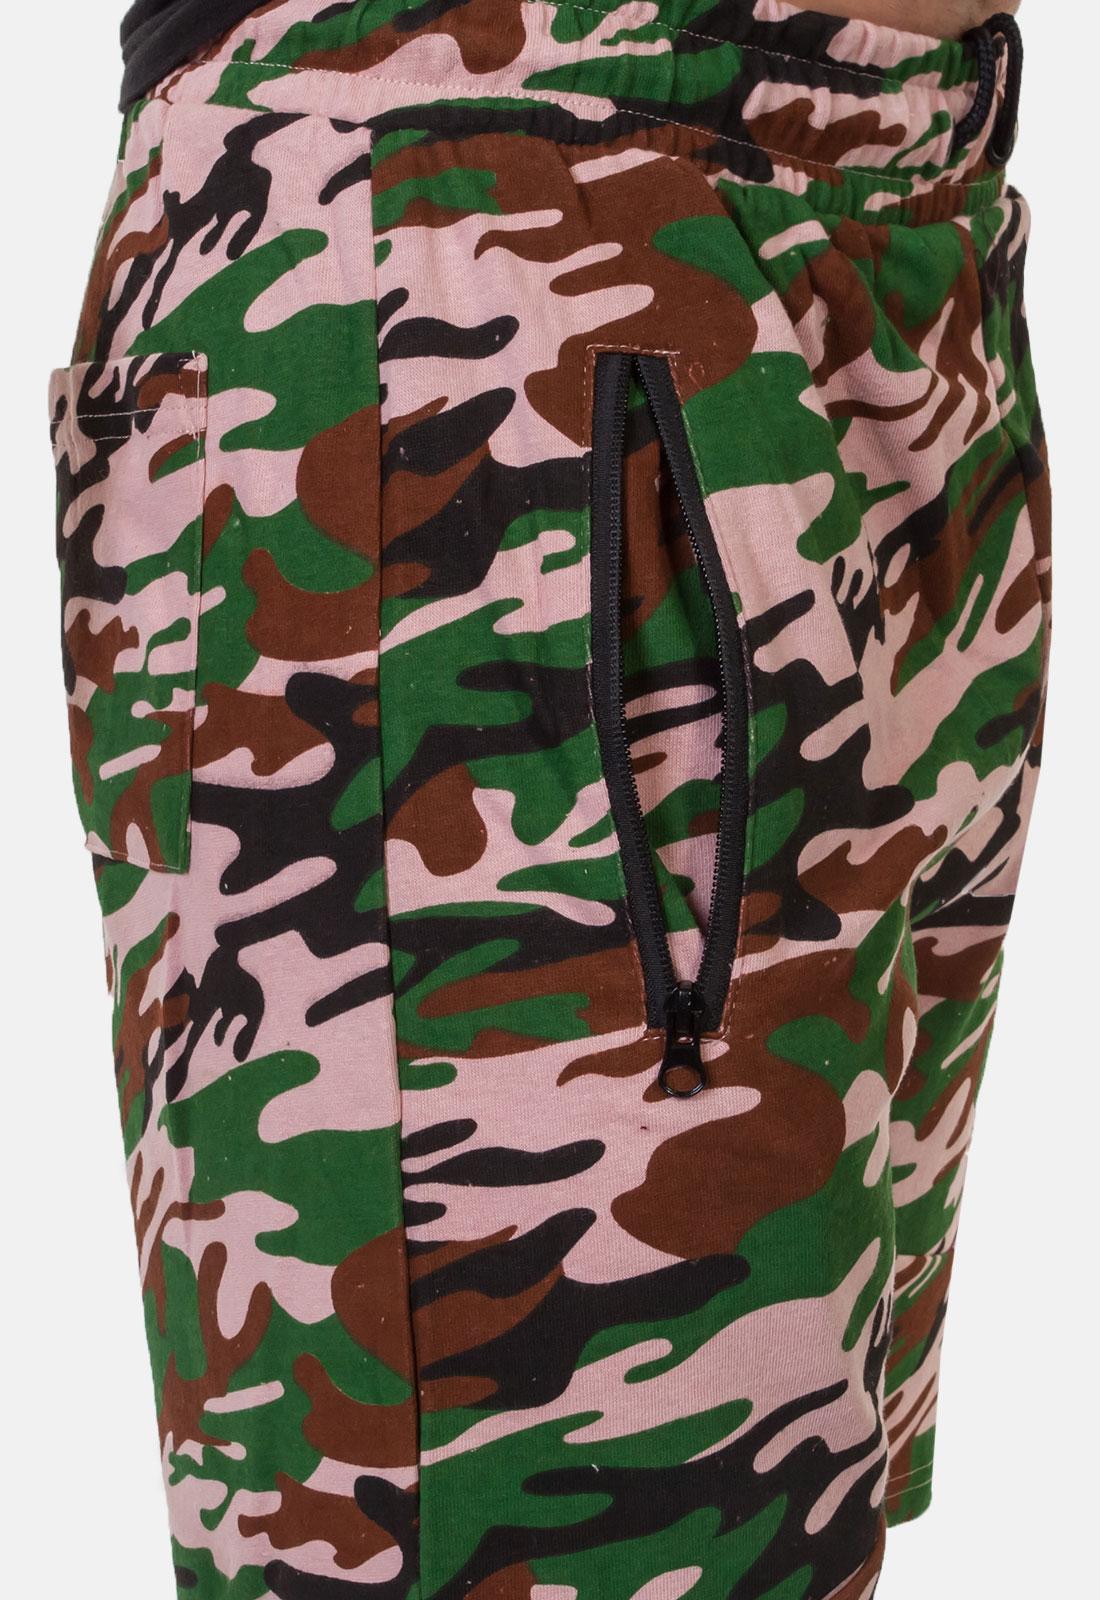 Особенные удлиненные шорты с нашивкой РХБЗ - заказать онлайн